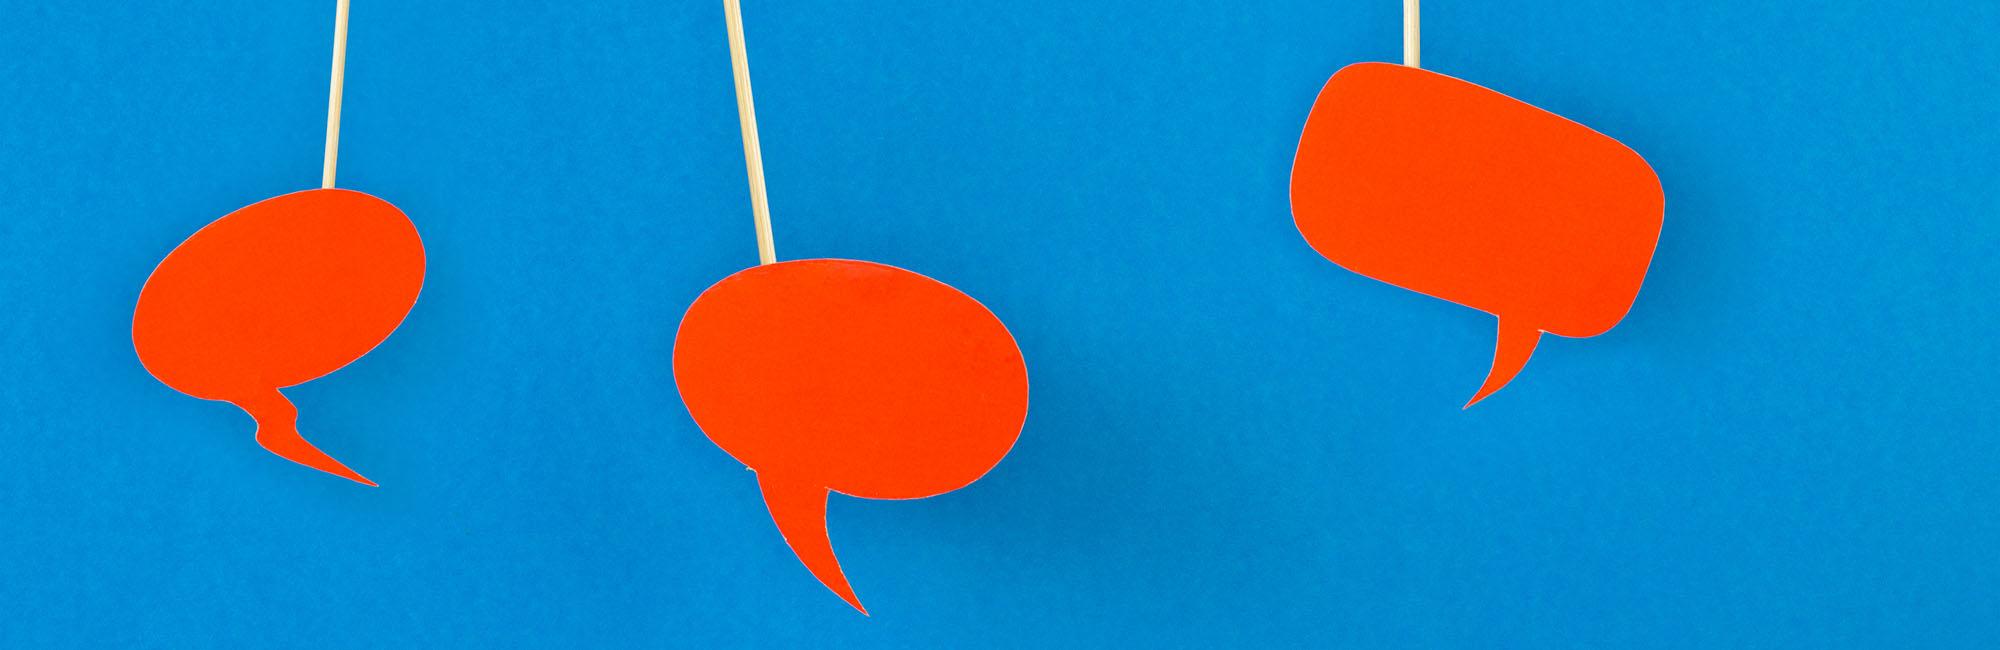 6 Tips for Better Communication 6 Tips for Better Communication new images